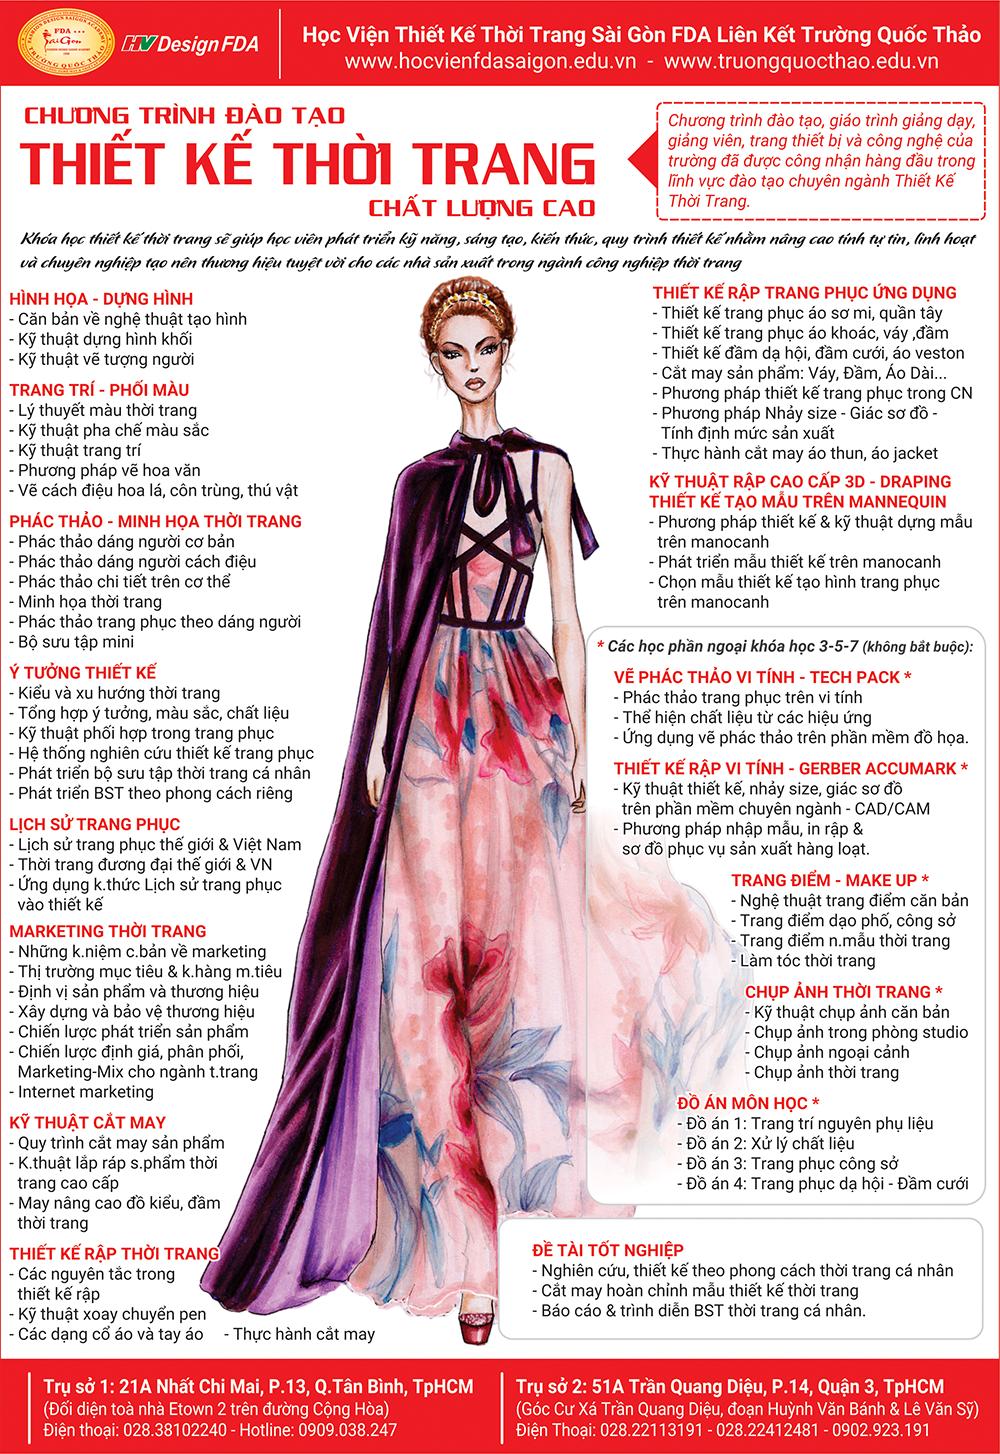 Chương trình đào tạo chuyên ngành thiết kế thời trang 2019